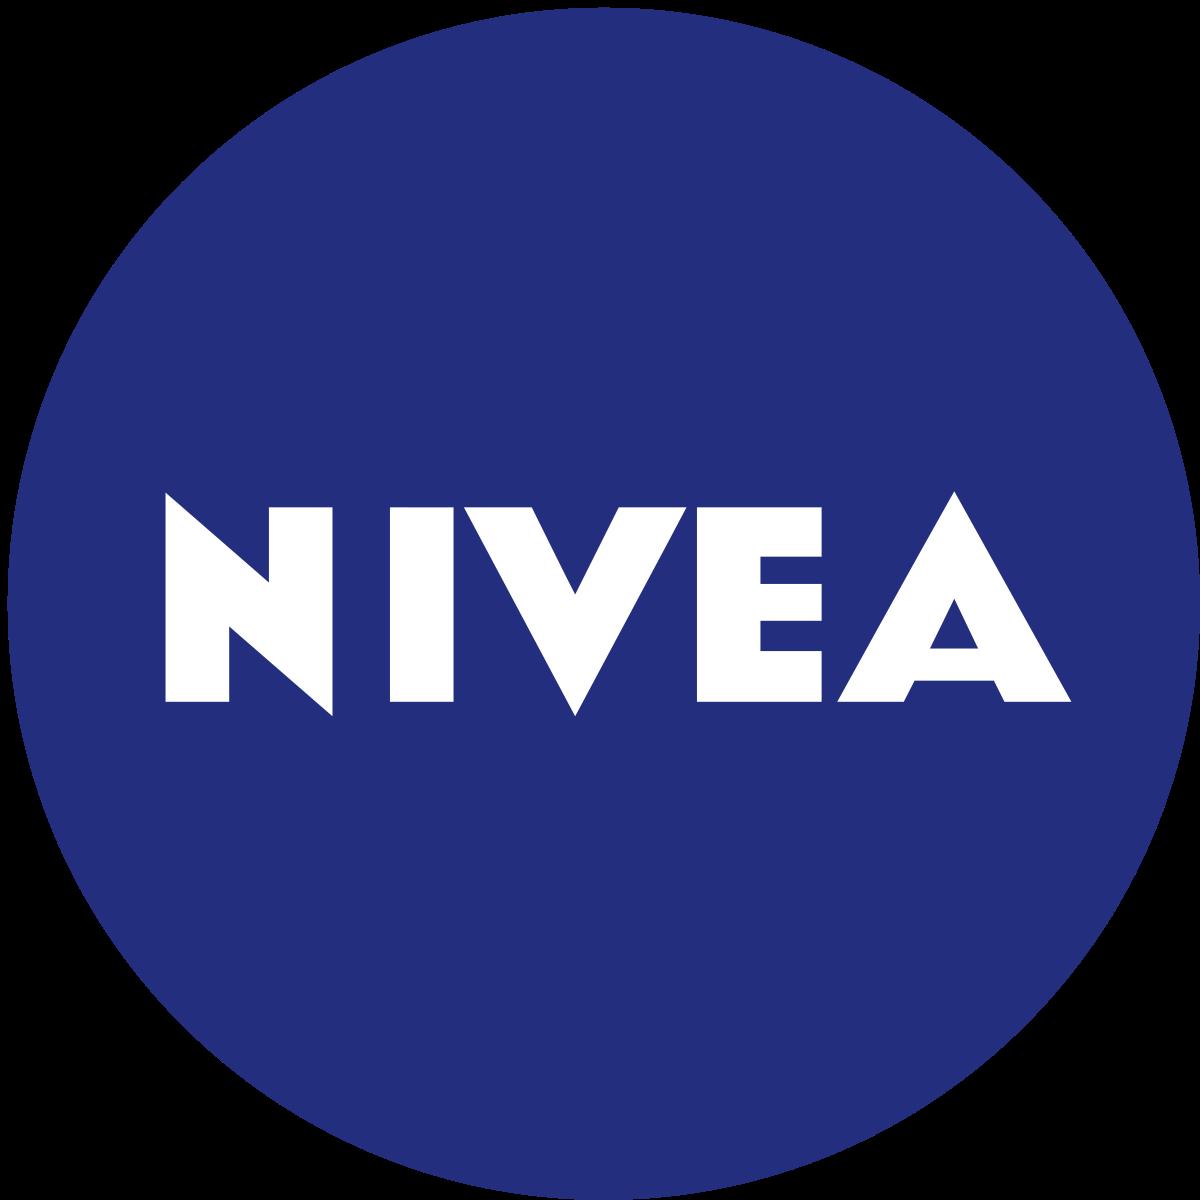 نيڤيا